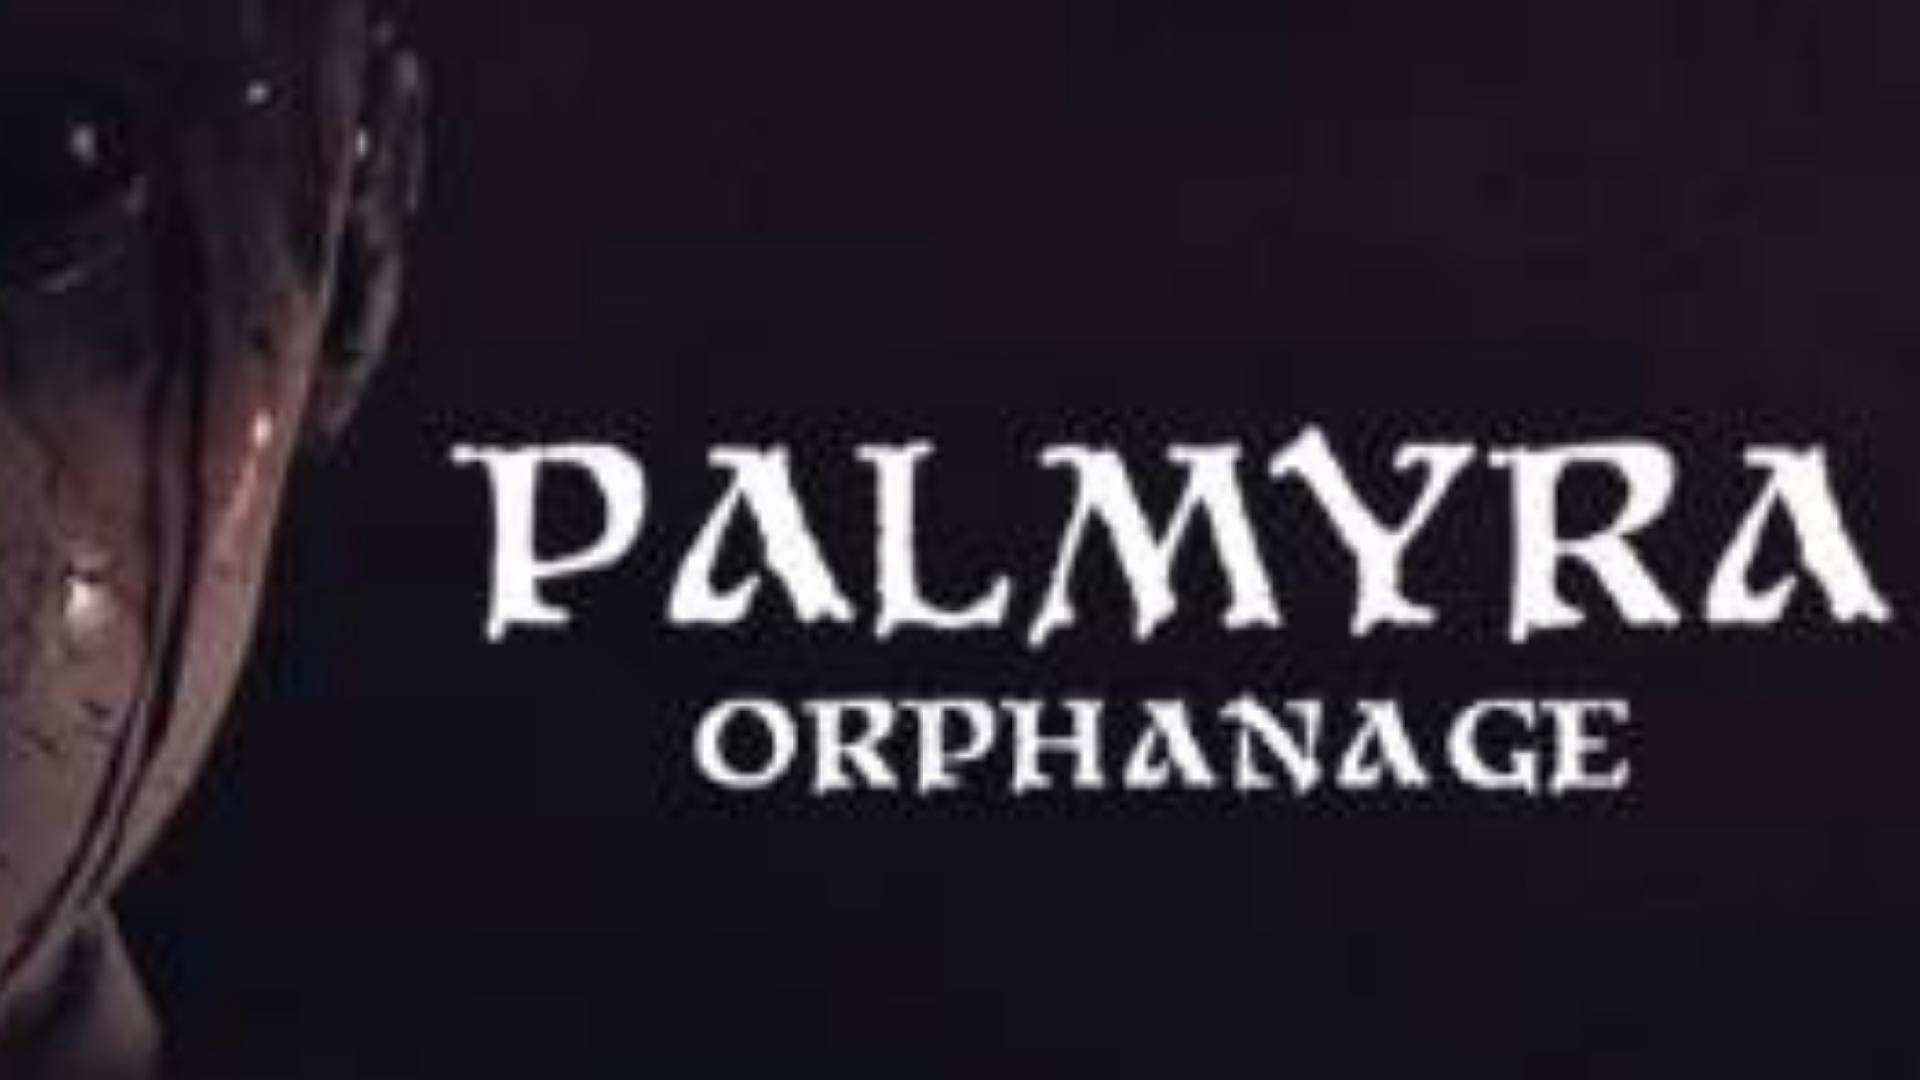 【孤儿院 流程】Palmyra Orphanage全程实况